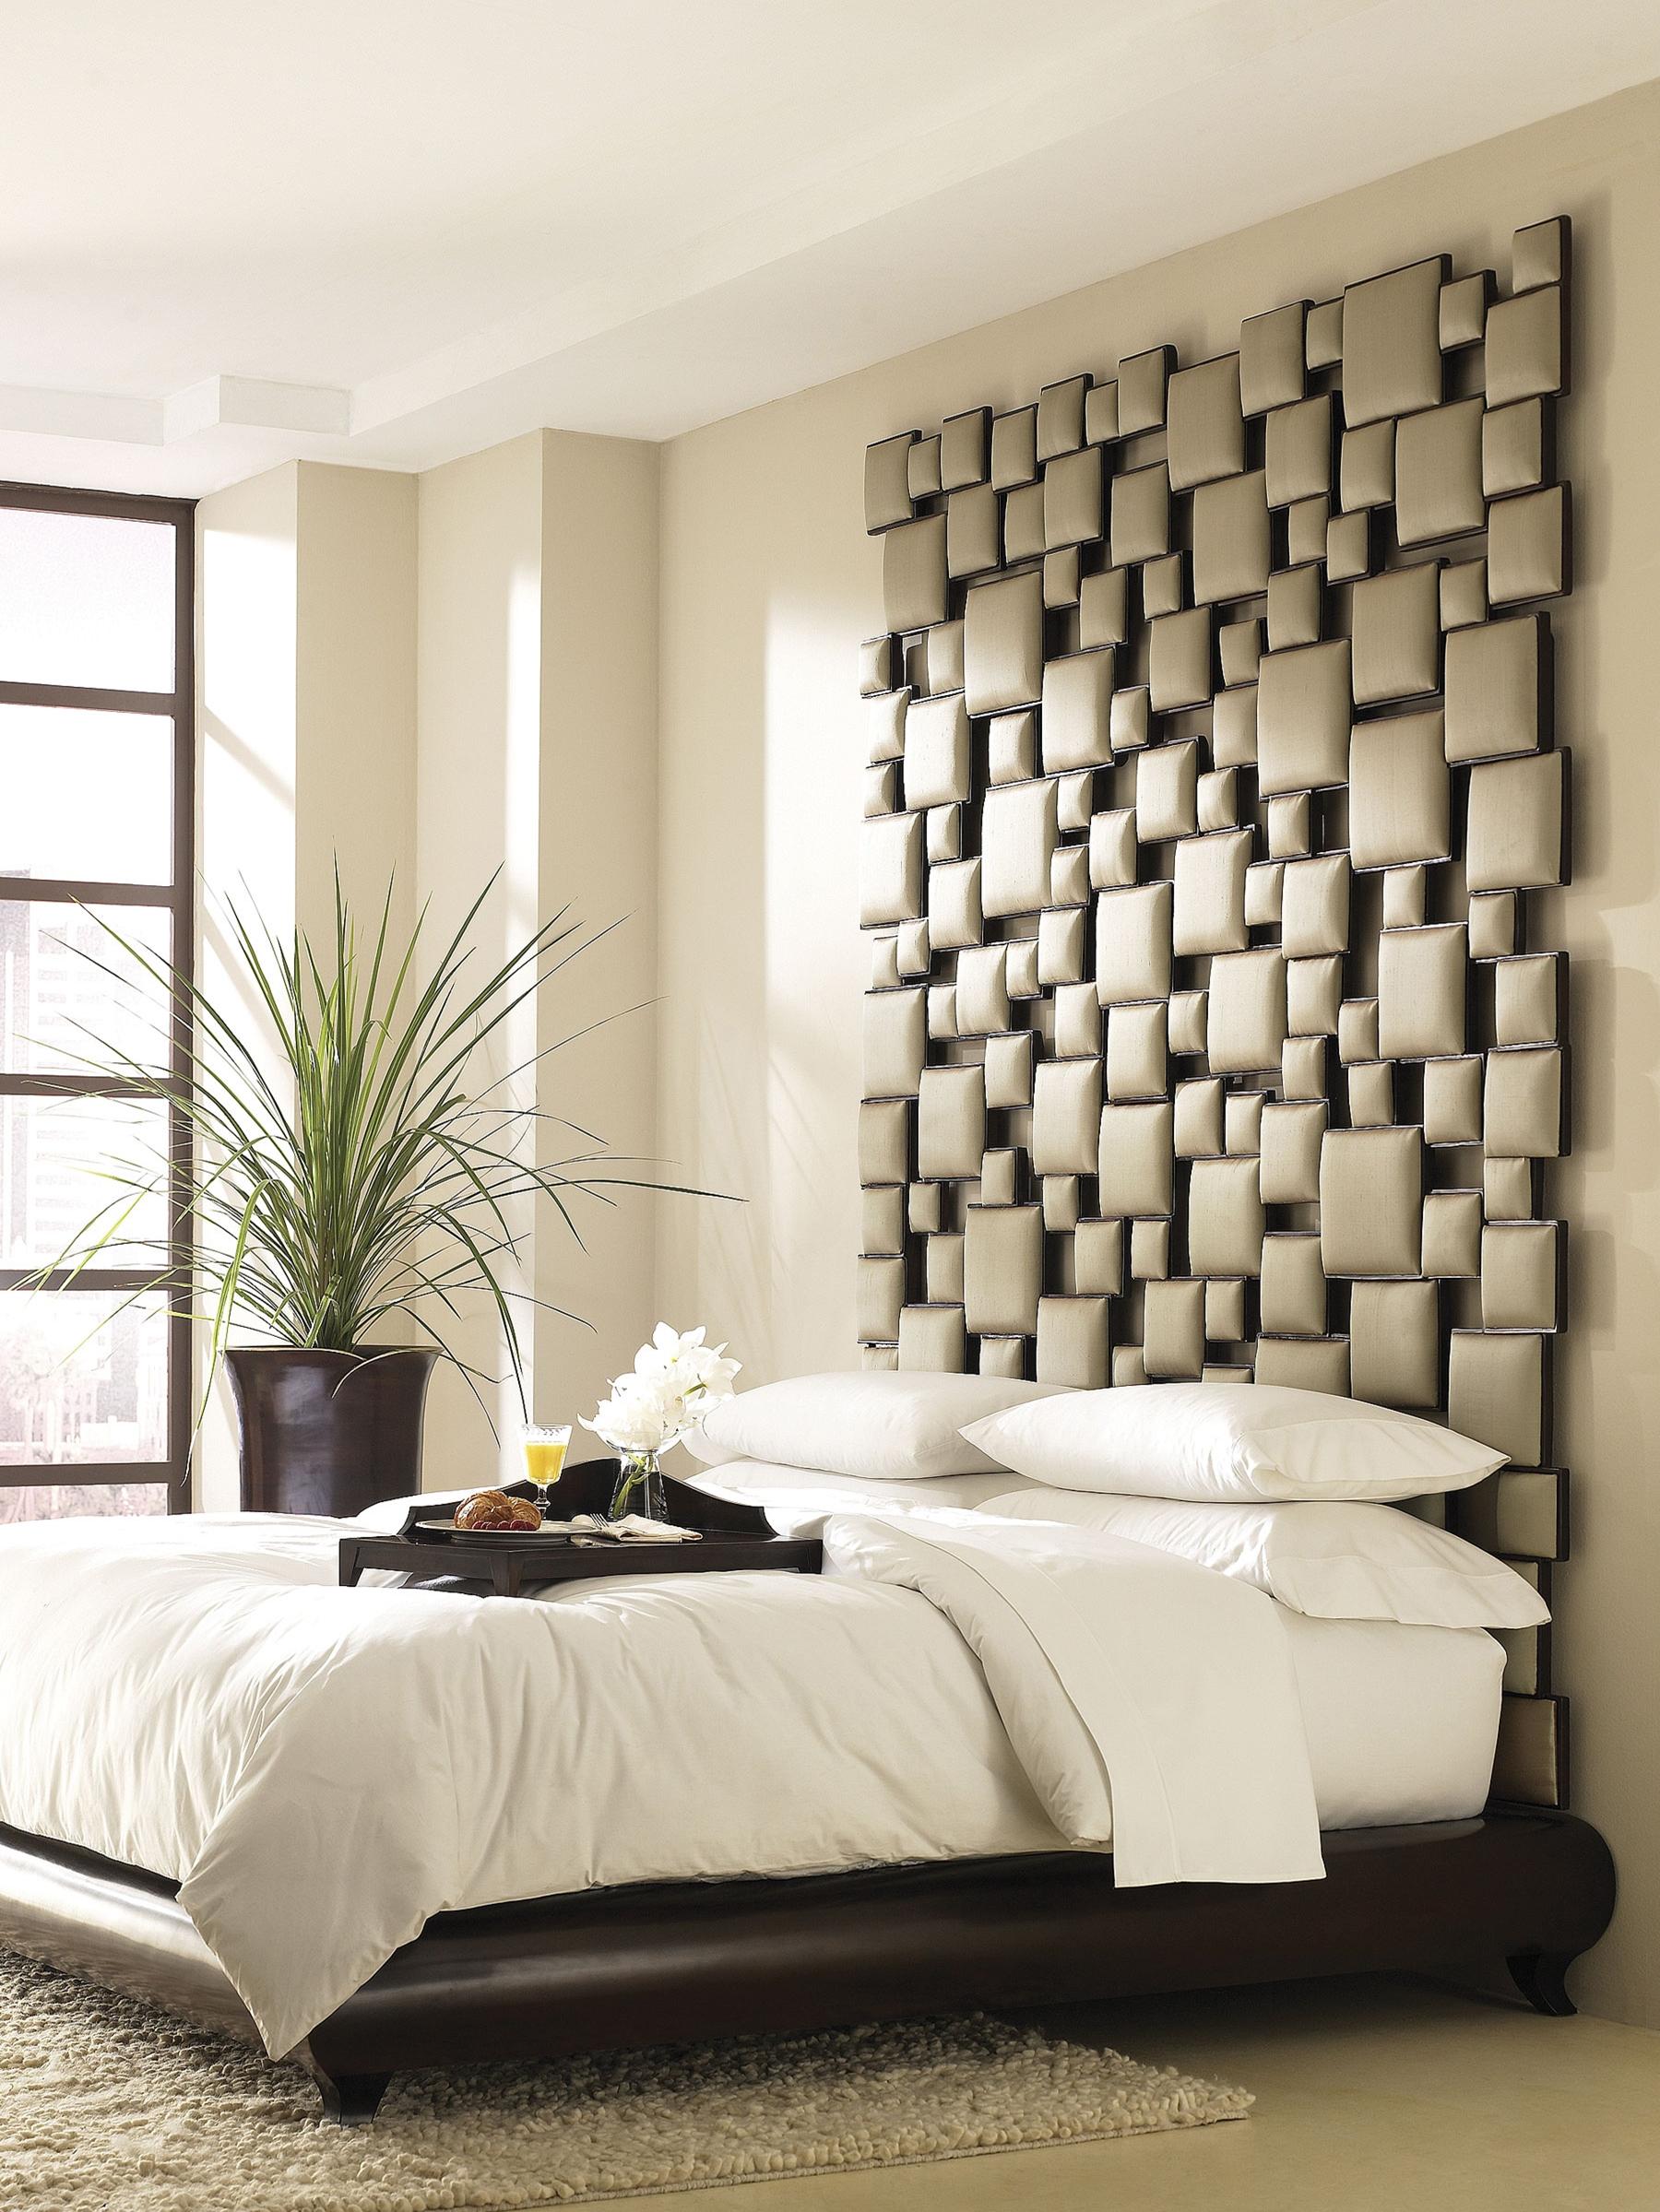 slaapkamers: 10 manieren om je slaapkamer een nieuwe, frisse look, Deco ideeën